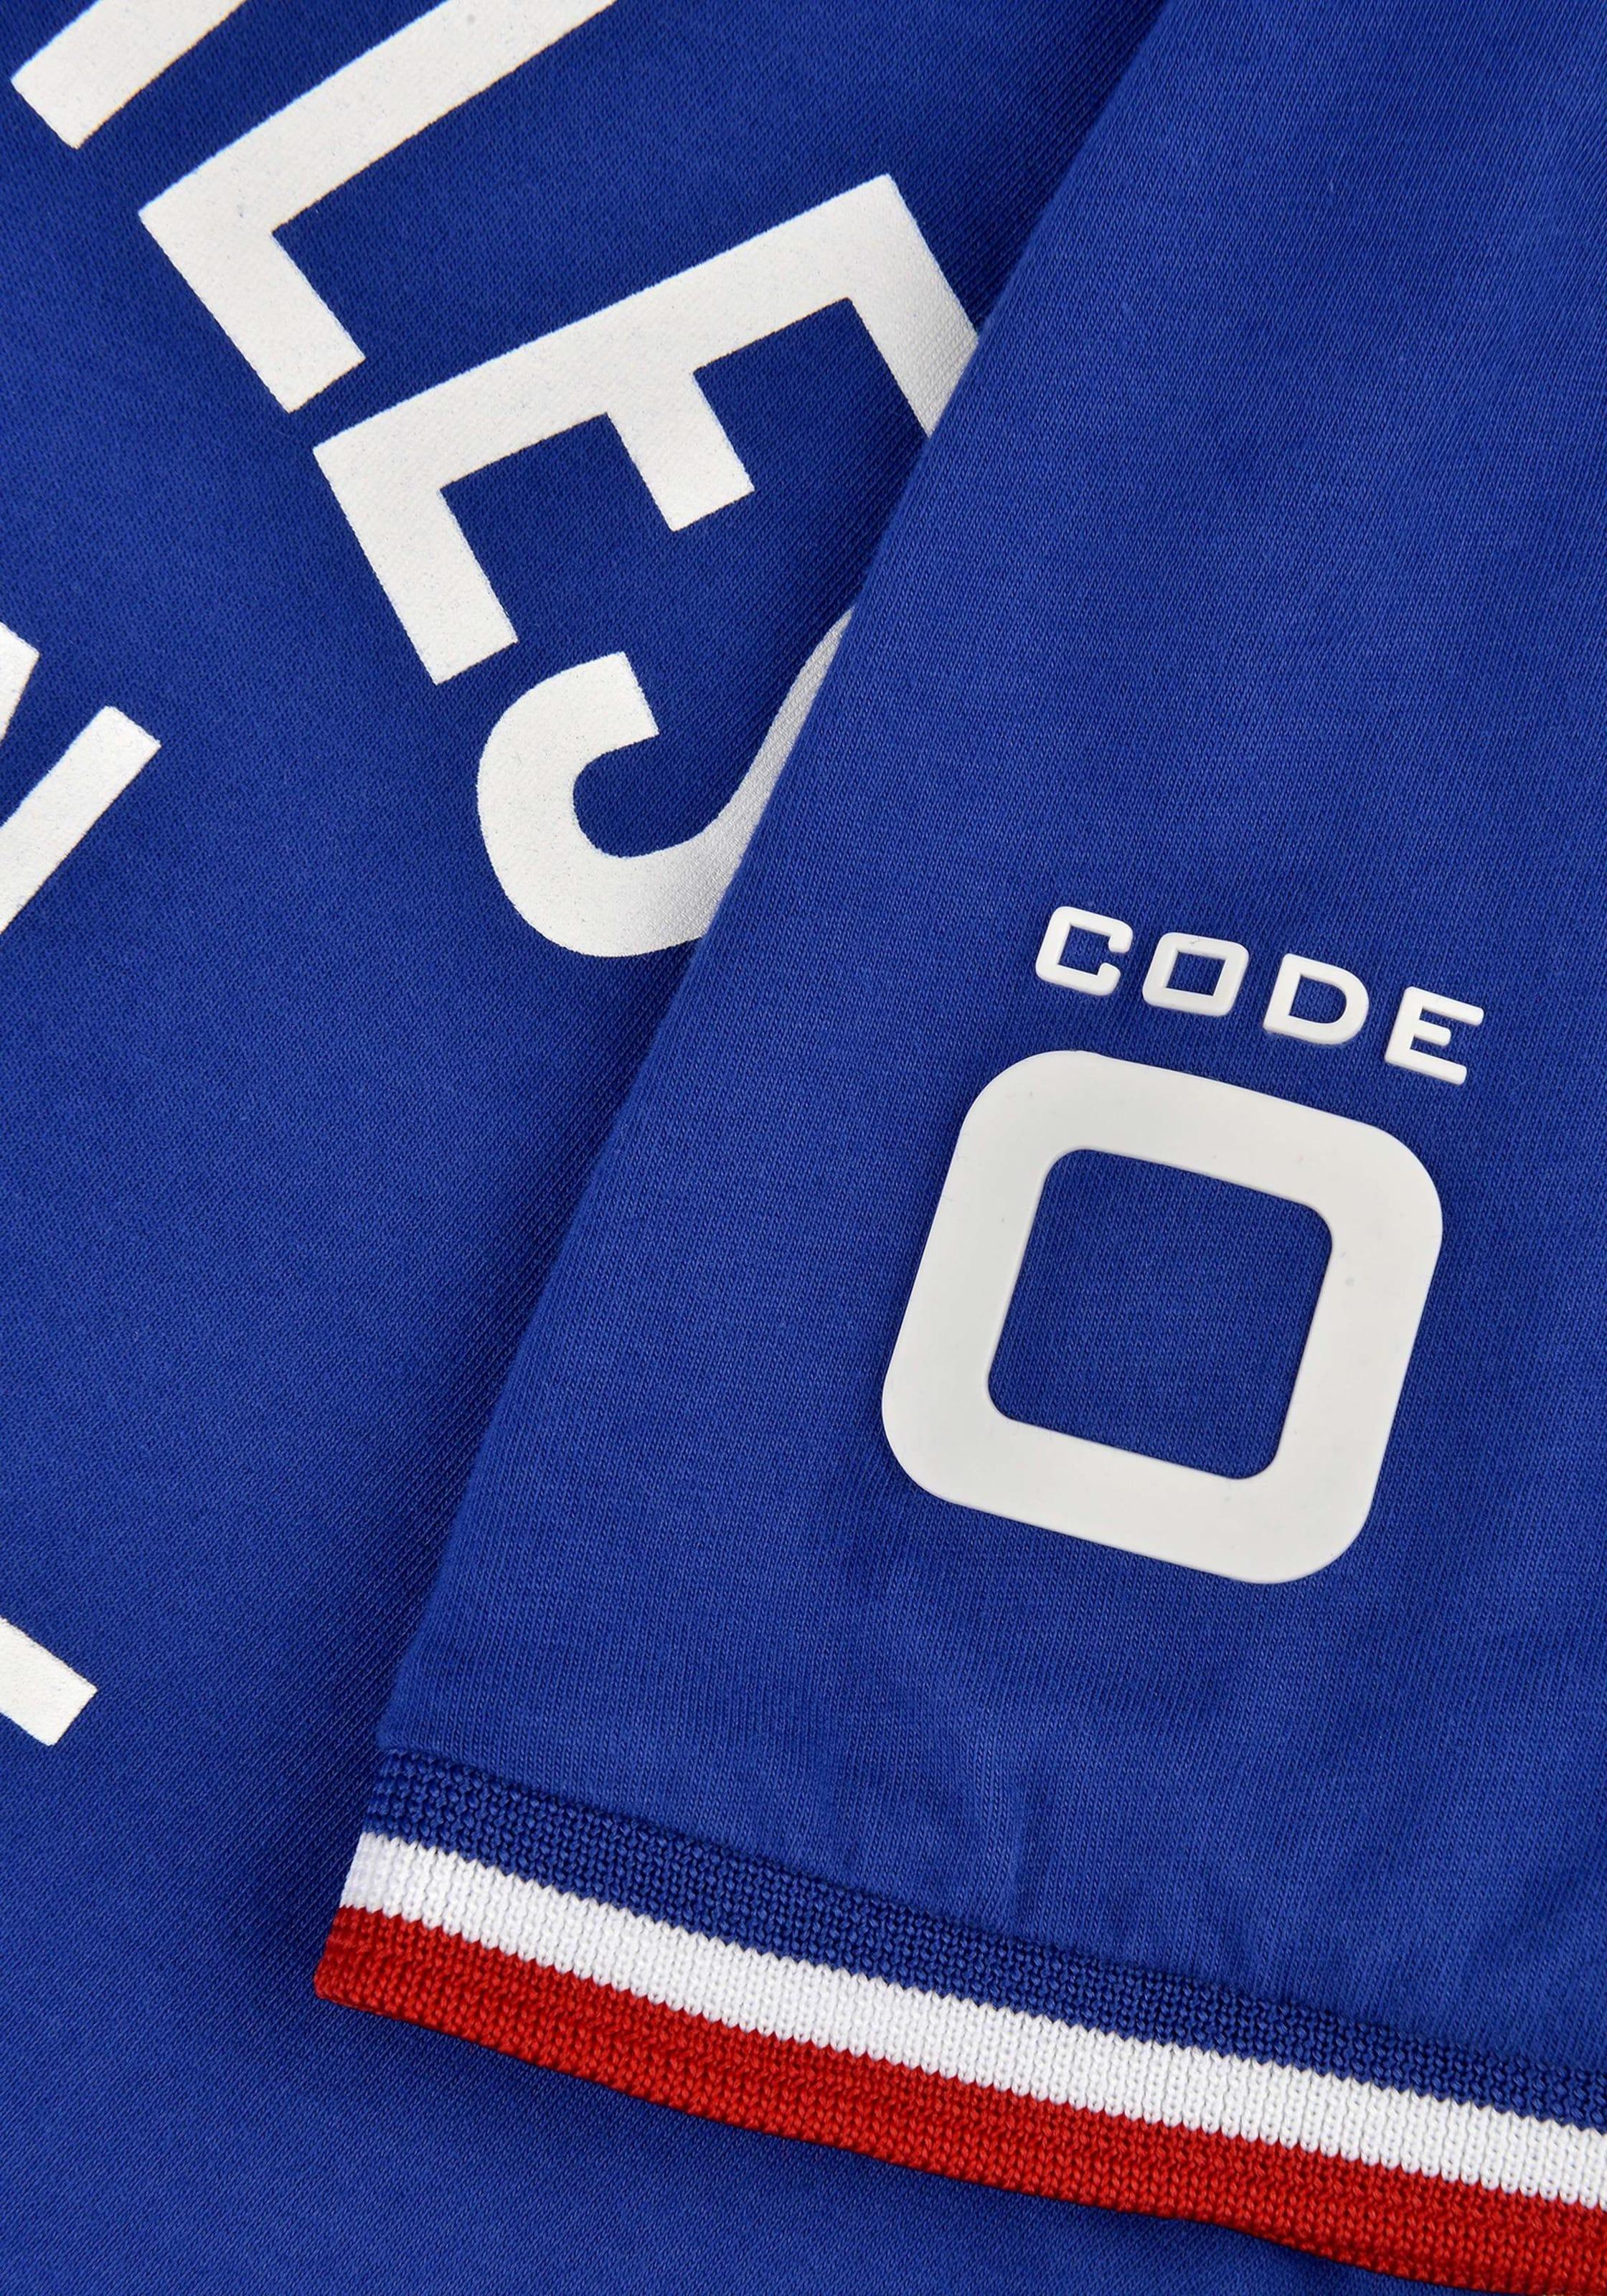 T BlauWeiß shirt 'ss zero Code Port Vauban' In A45RjL3q